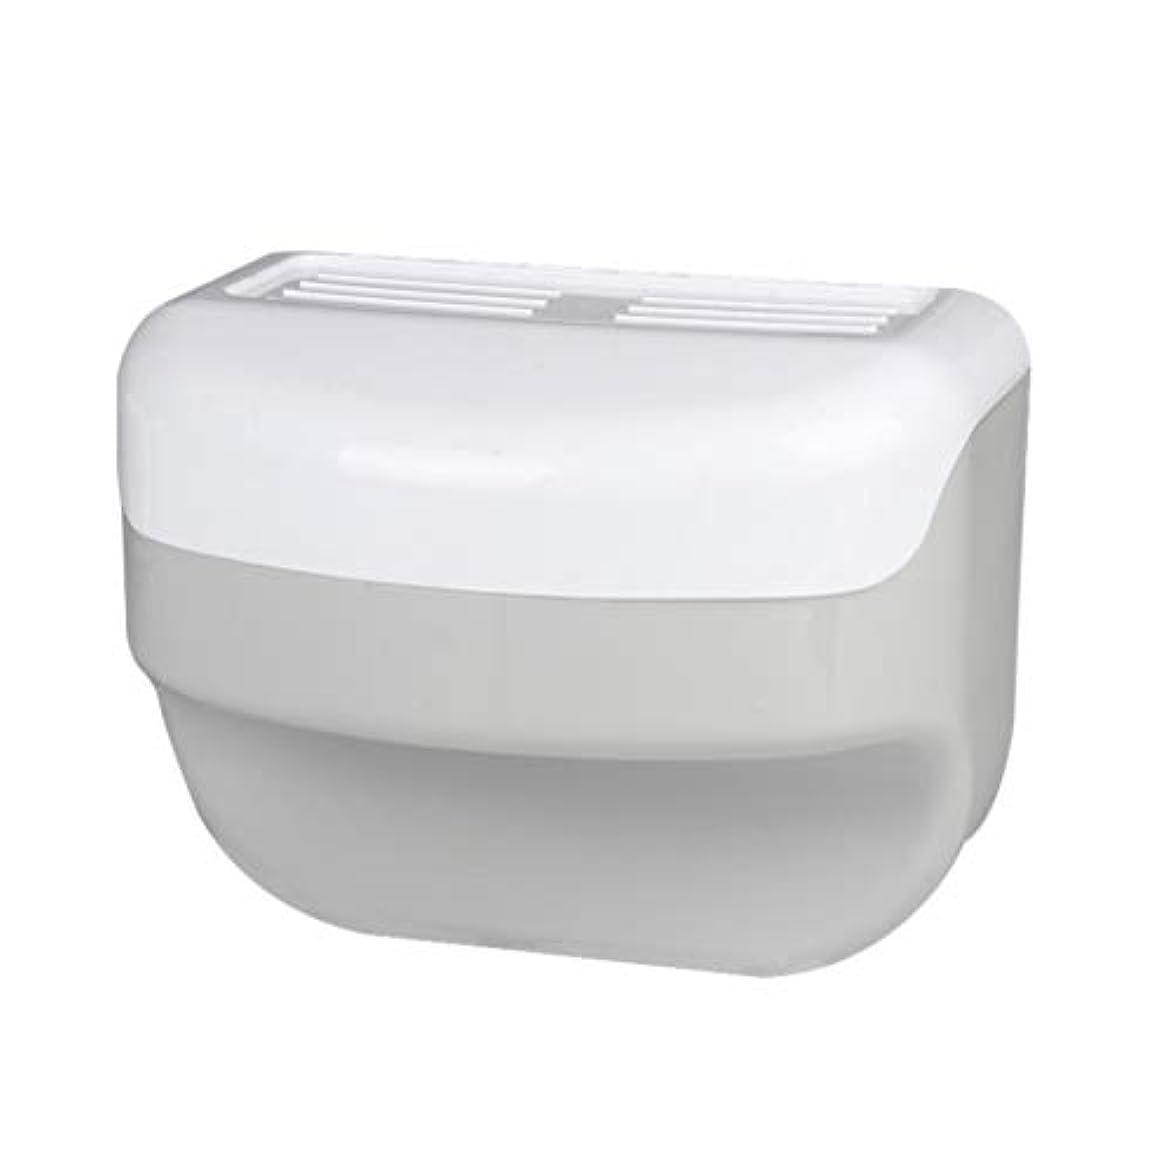 鎮痛剤存在する慣性TOPBATHY 浴室トイレティッシュボックスラック壁吸盤ロールホルダーフリー掘削ネイルフリーティッシュボックス